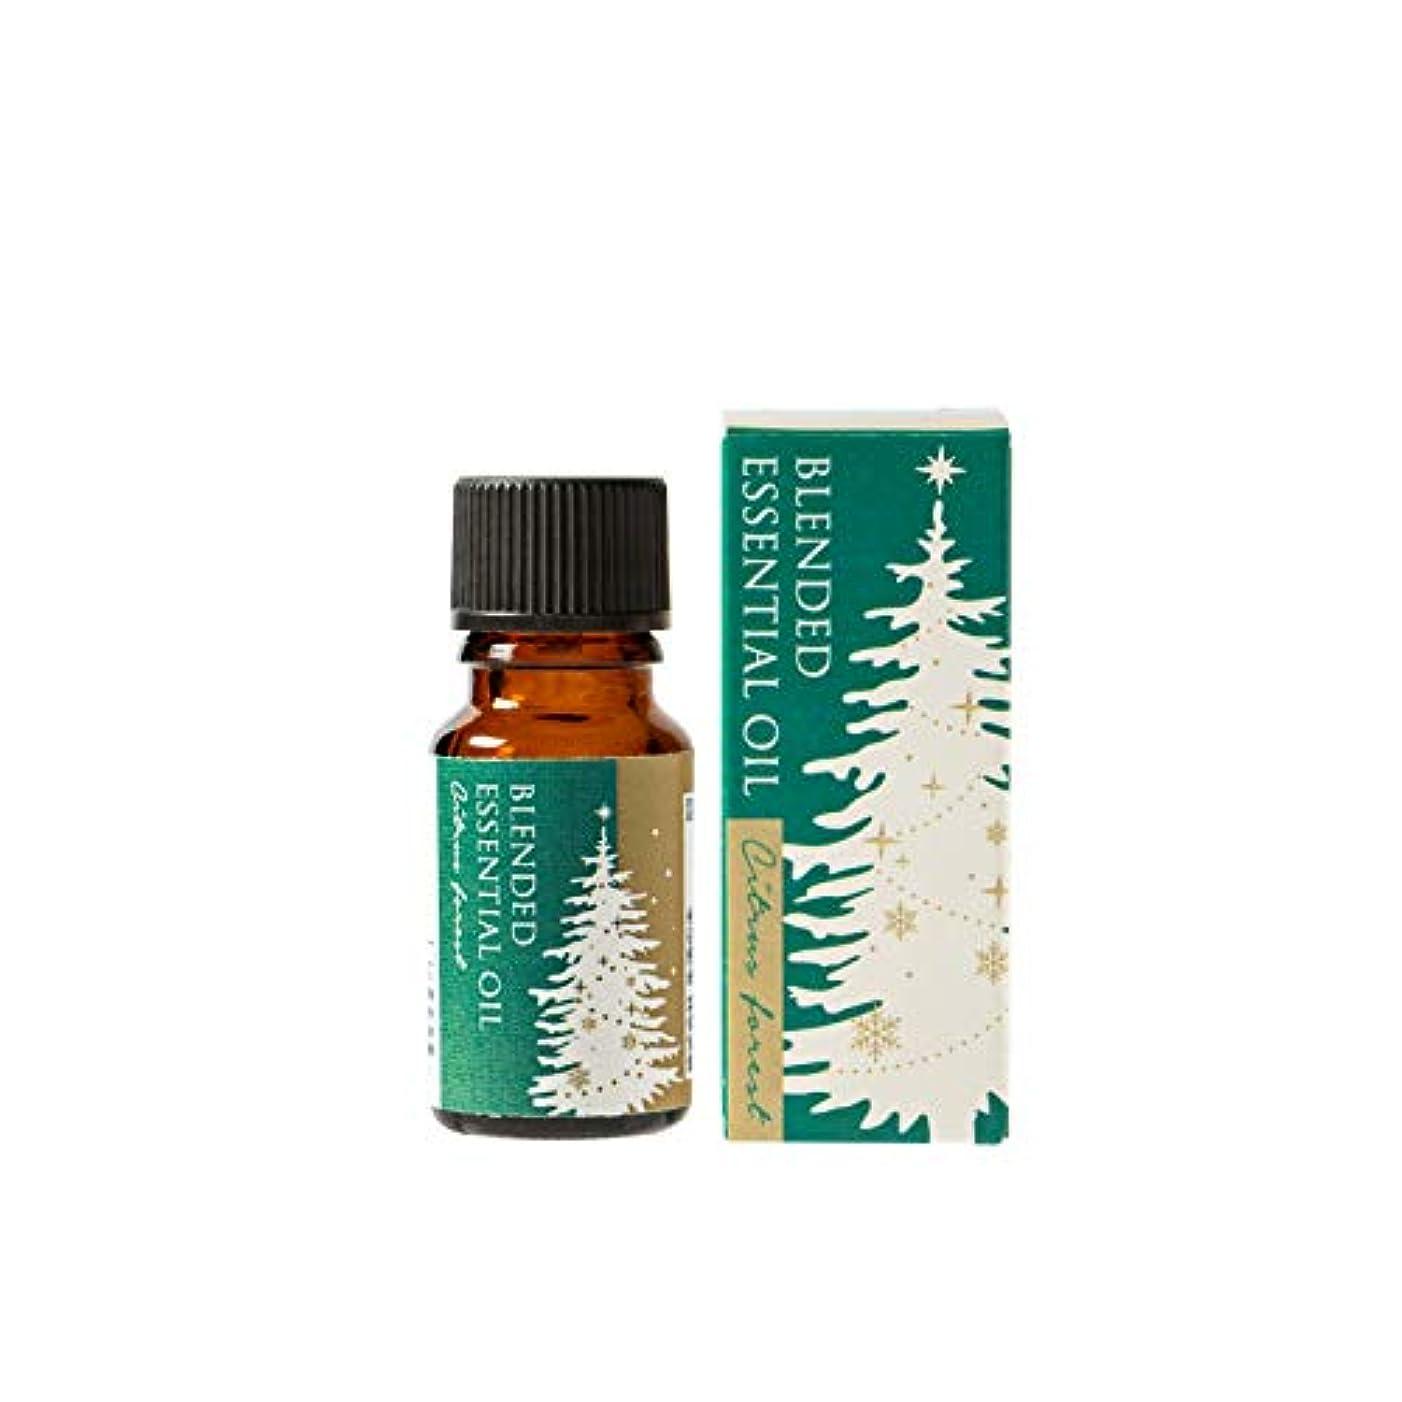 気楽なあいさつ明るくする生活の木 ブレンド精油 シトラスフォレスト 10ml